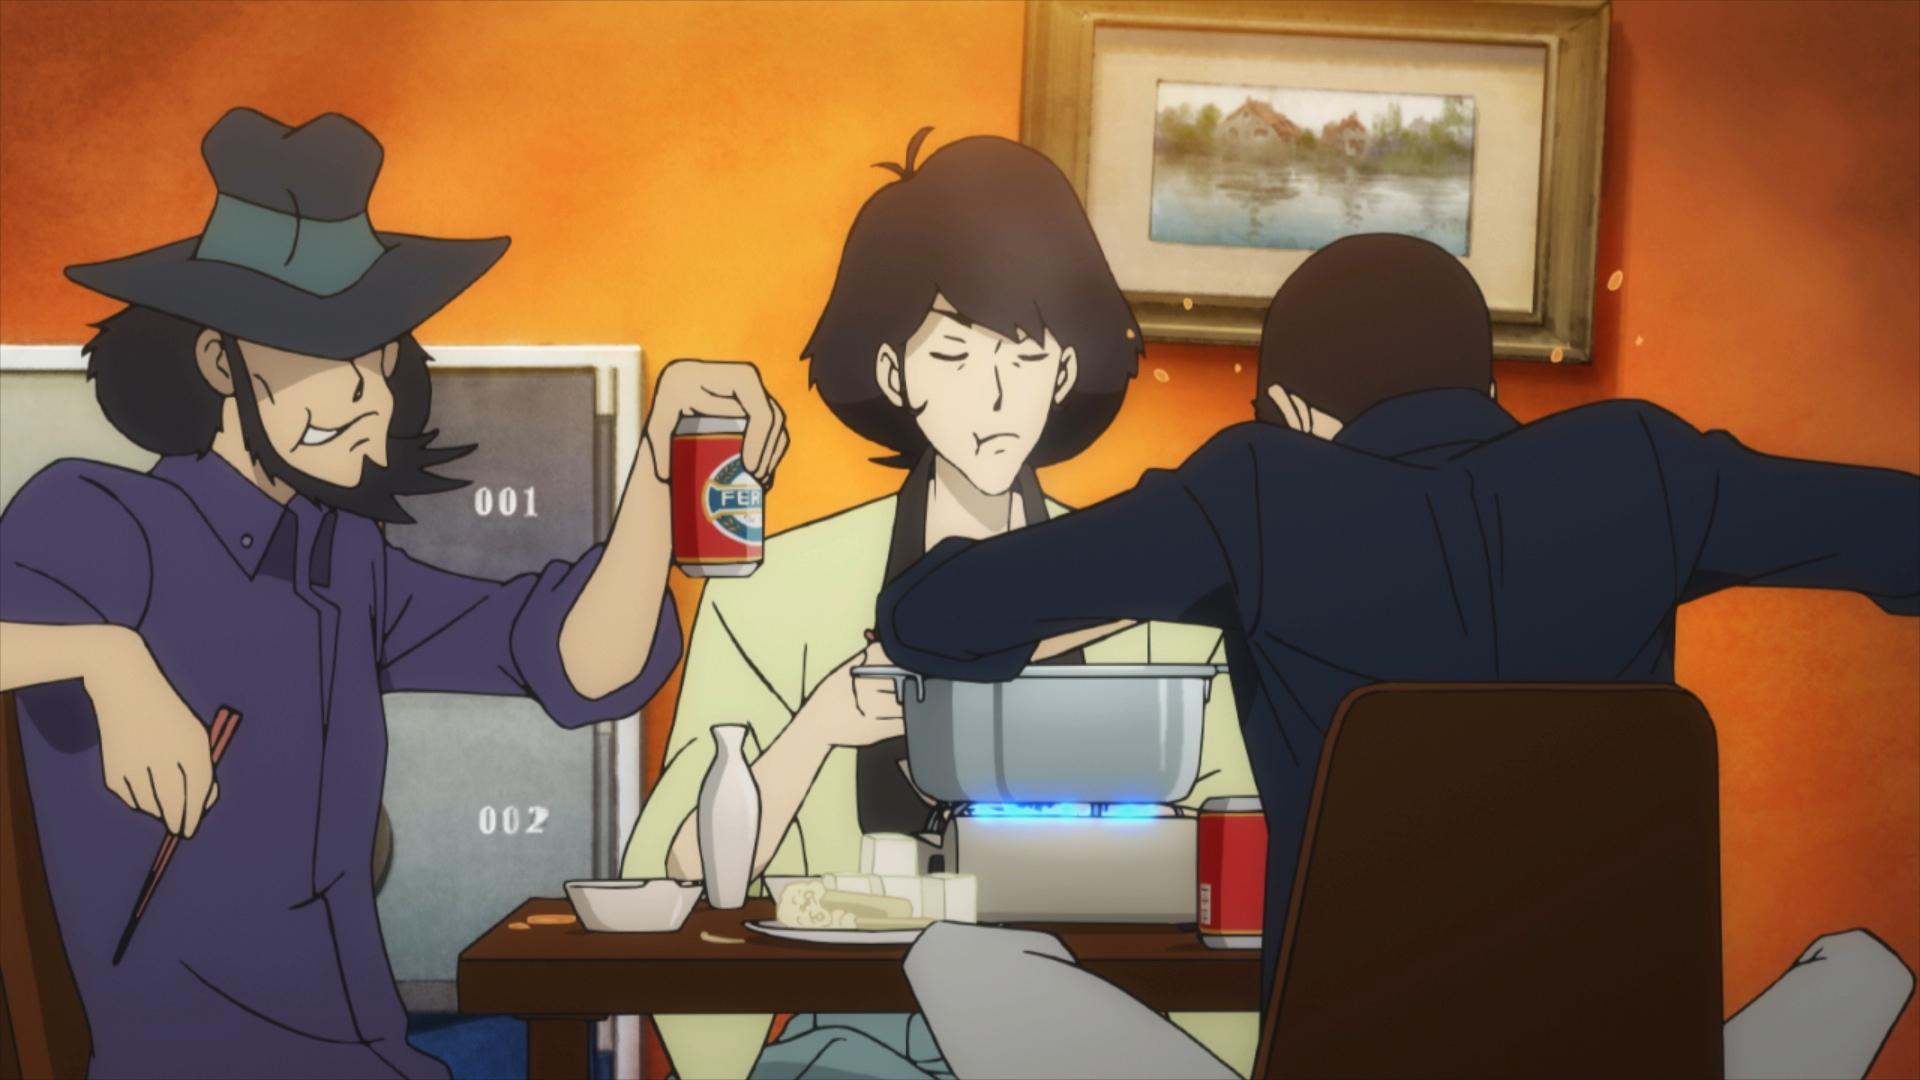 『ルパン三世 PART5』BD&DVD Vol.1のオーディオコメンタリーに、栗田貫一さん&小林清志さん出演-136